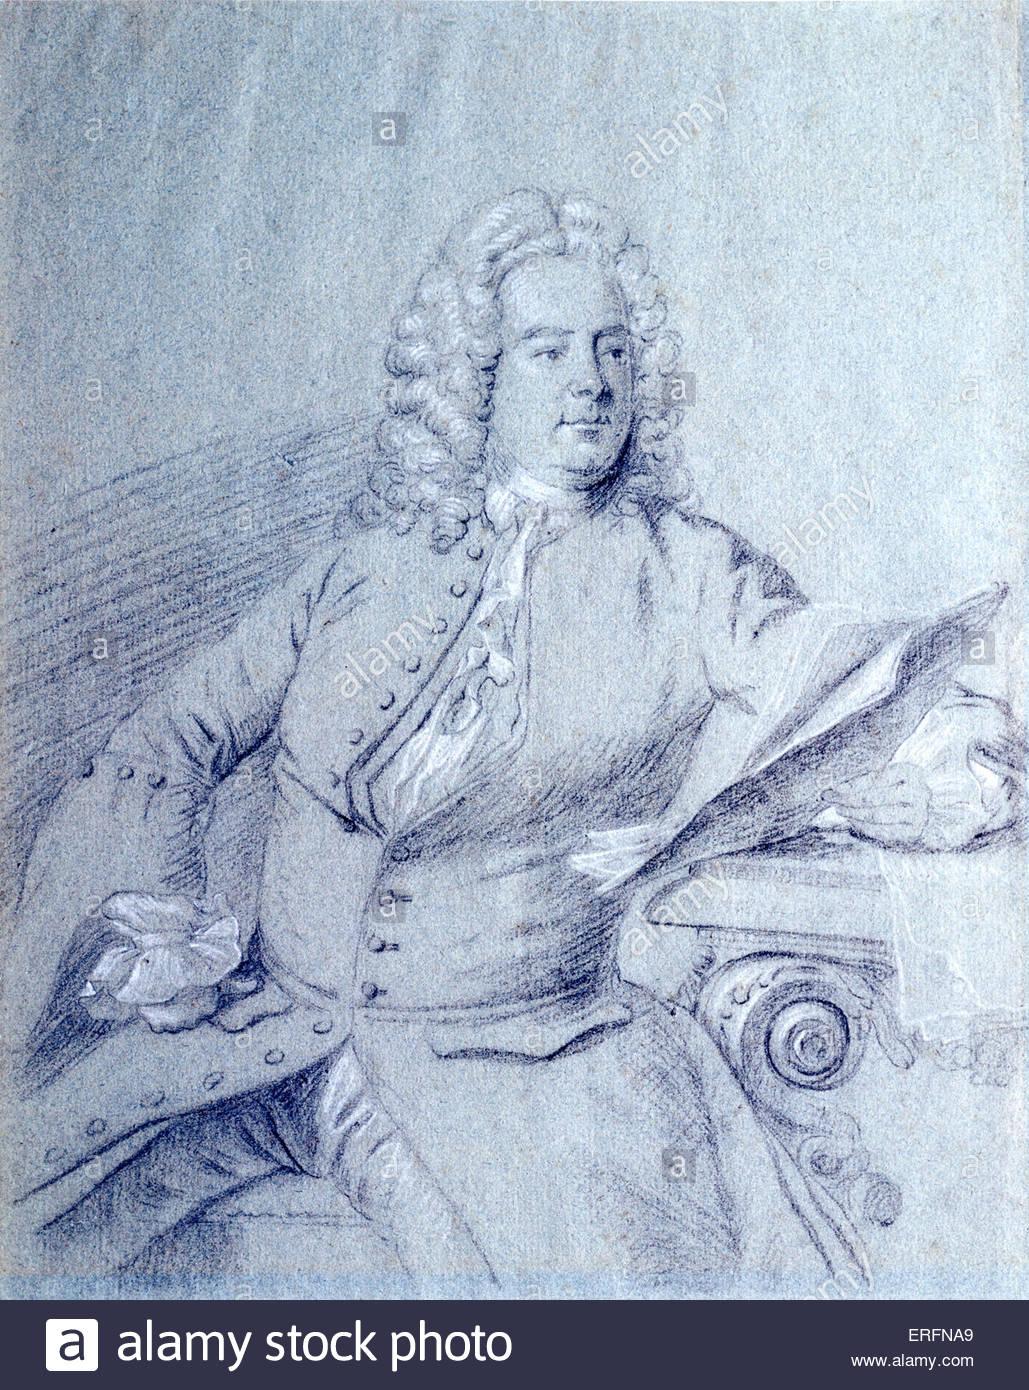 George Frideric Handel - Ritratto del tedesco / inglese compositore. Artista sconosciuto. Disegna la cortesia di Immagini Stock